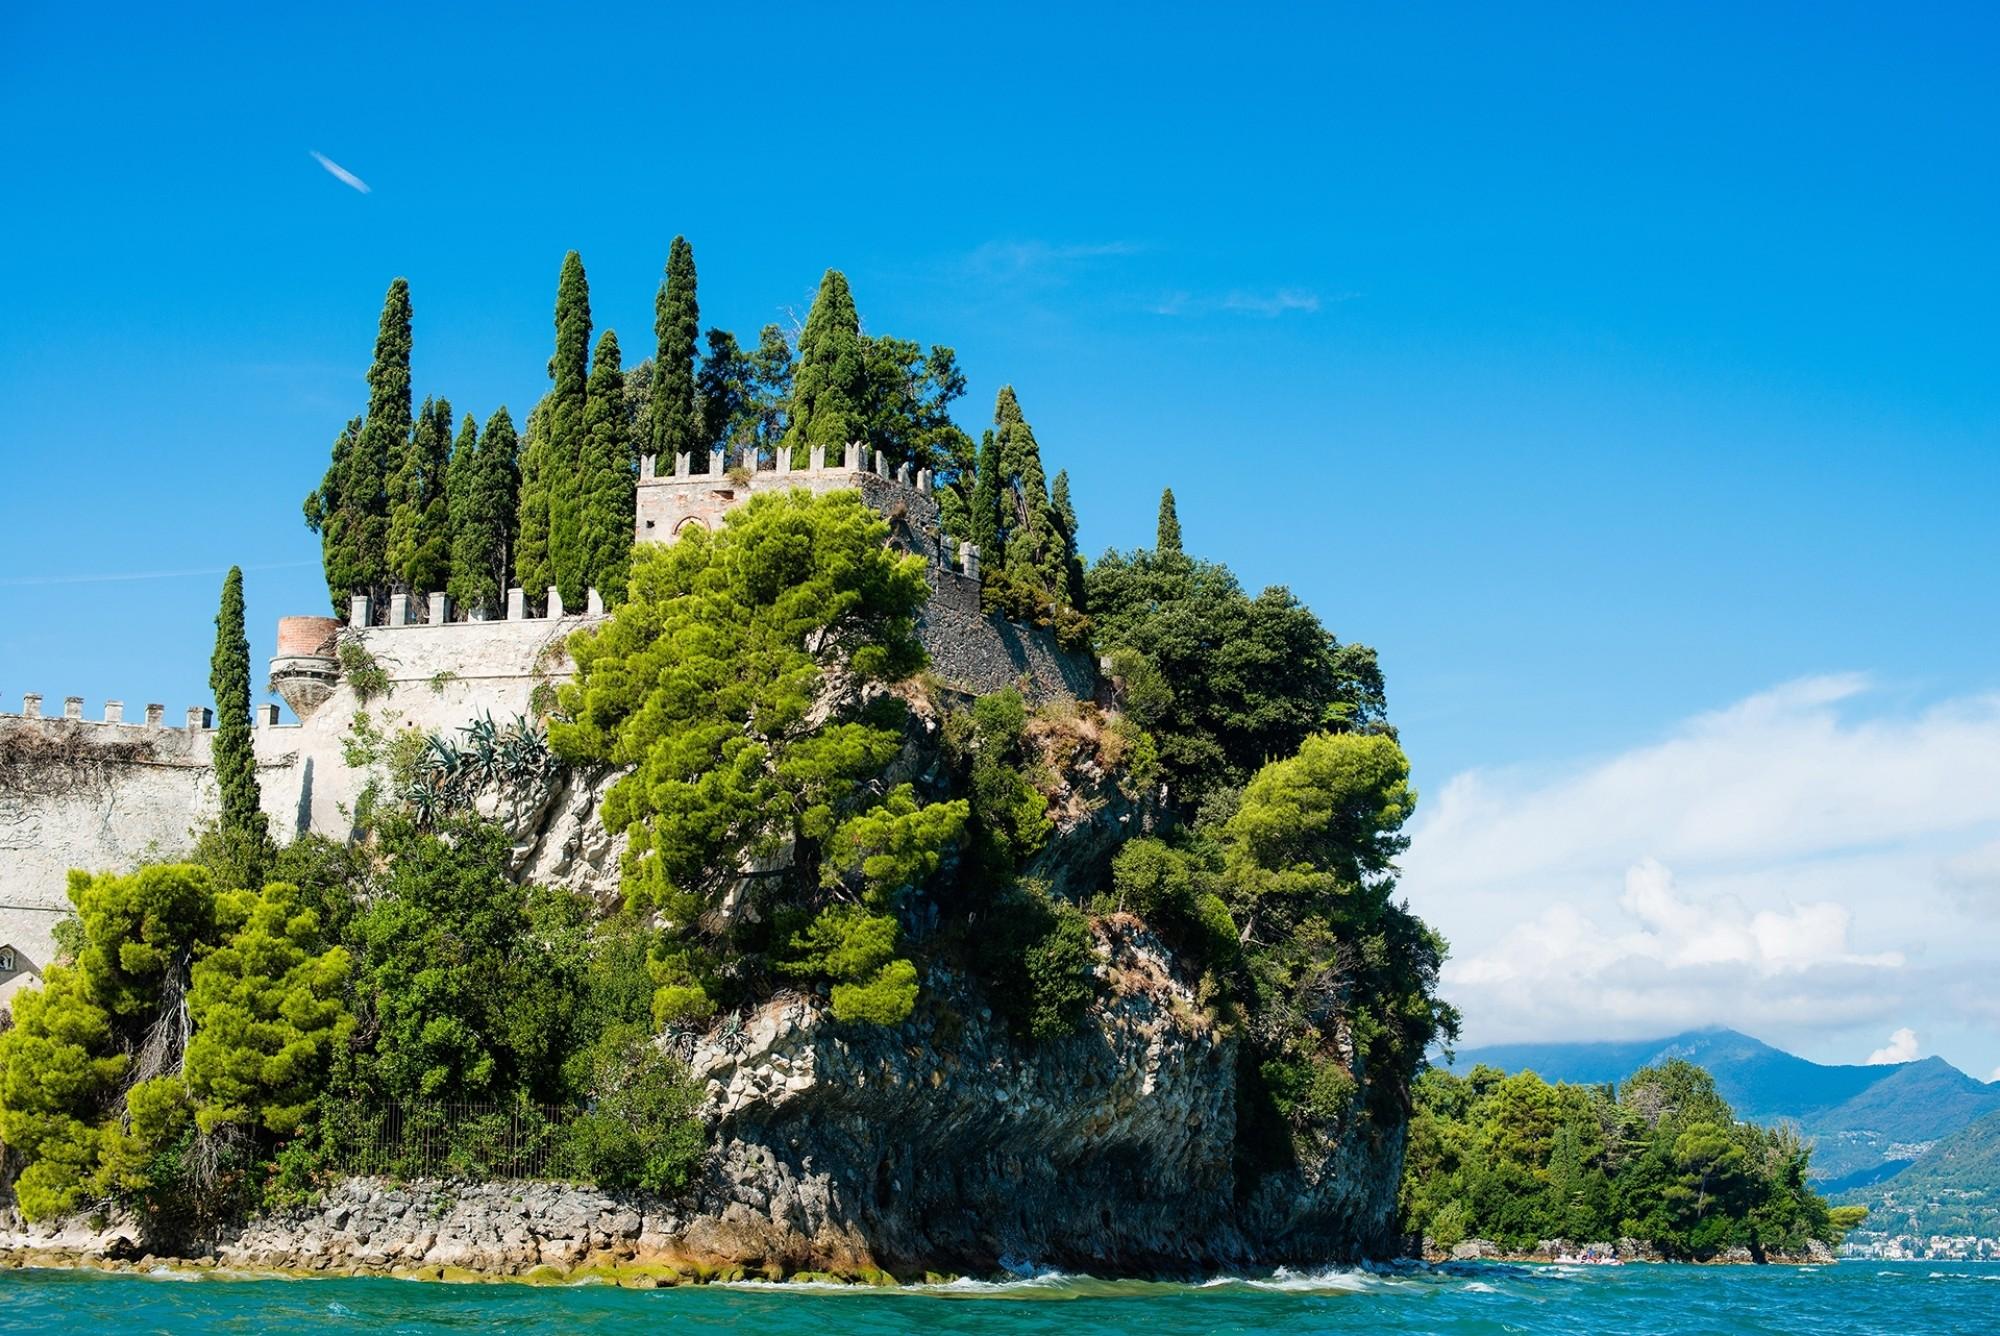 Isola-del-garda-lake-garda-Italy